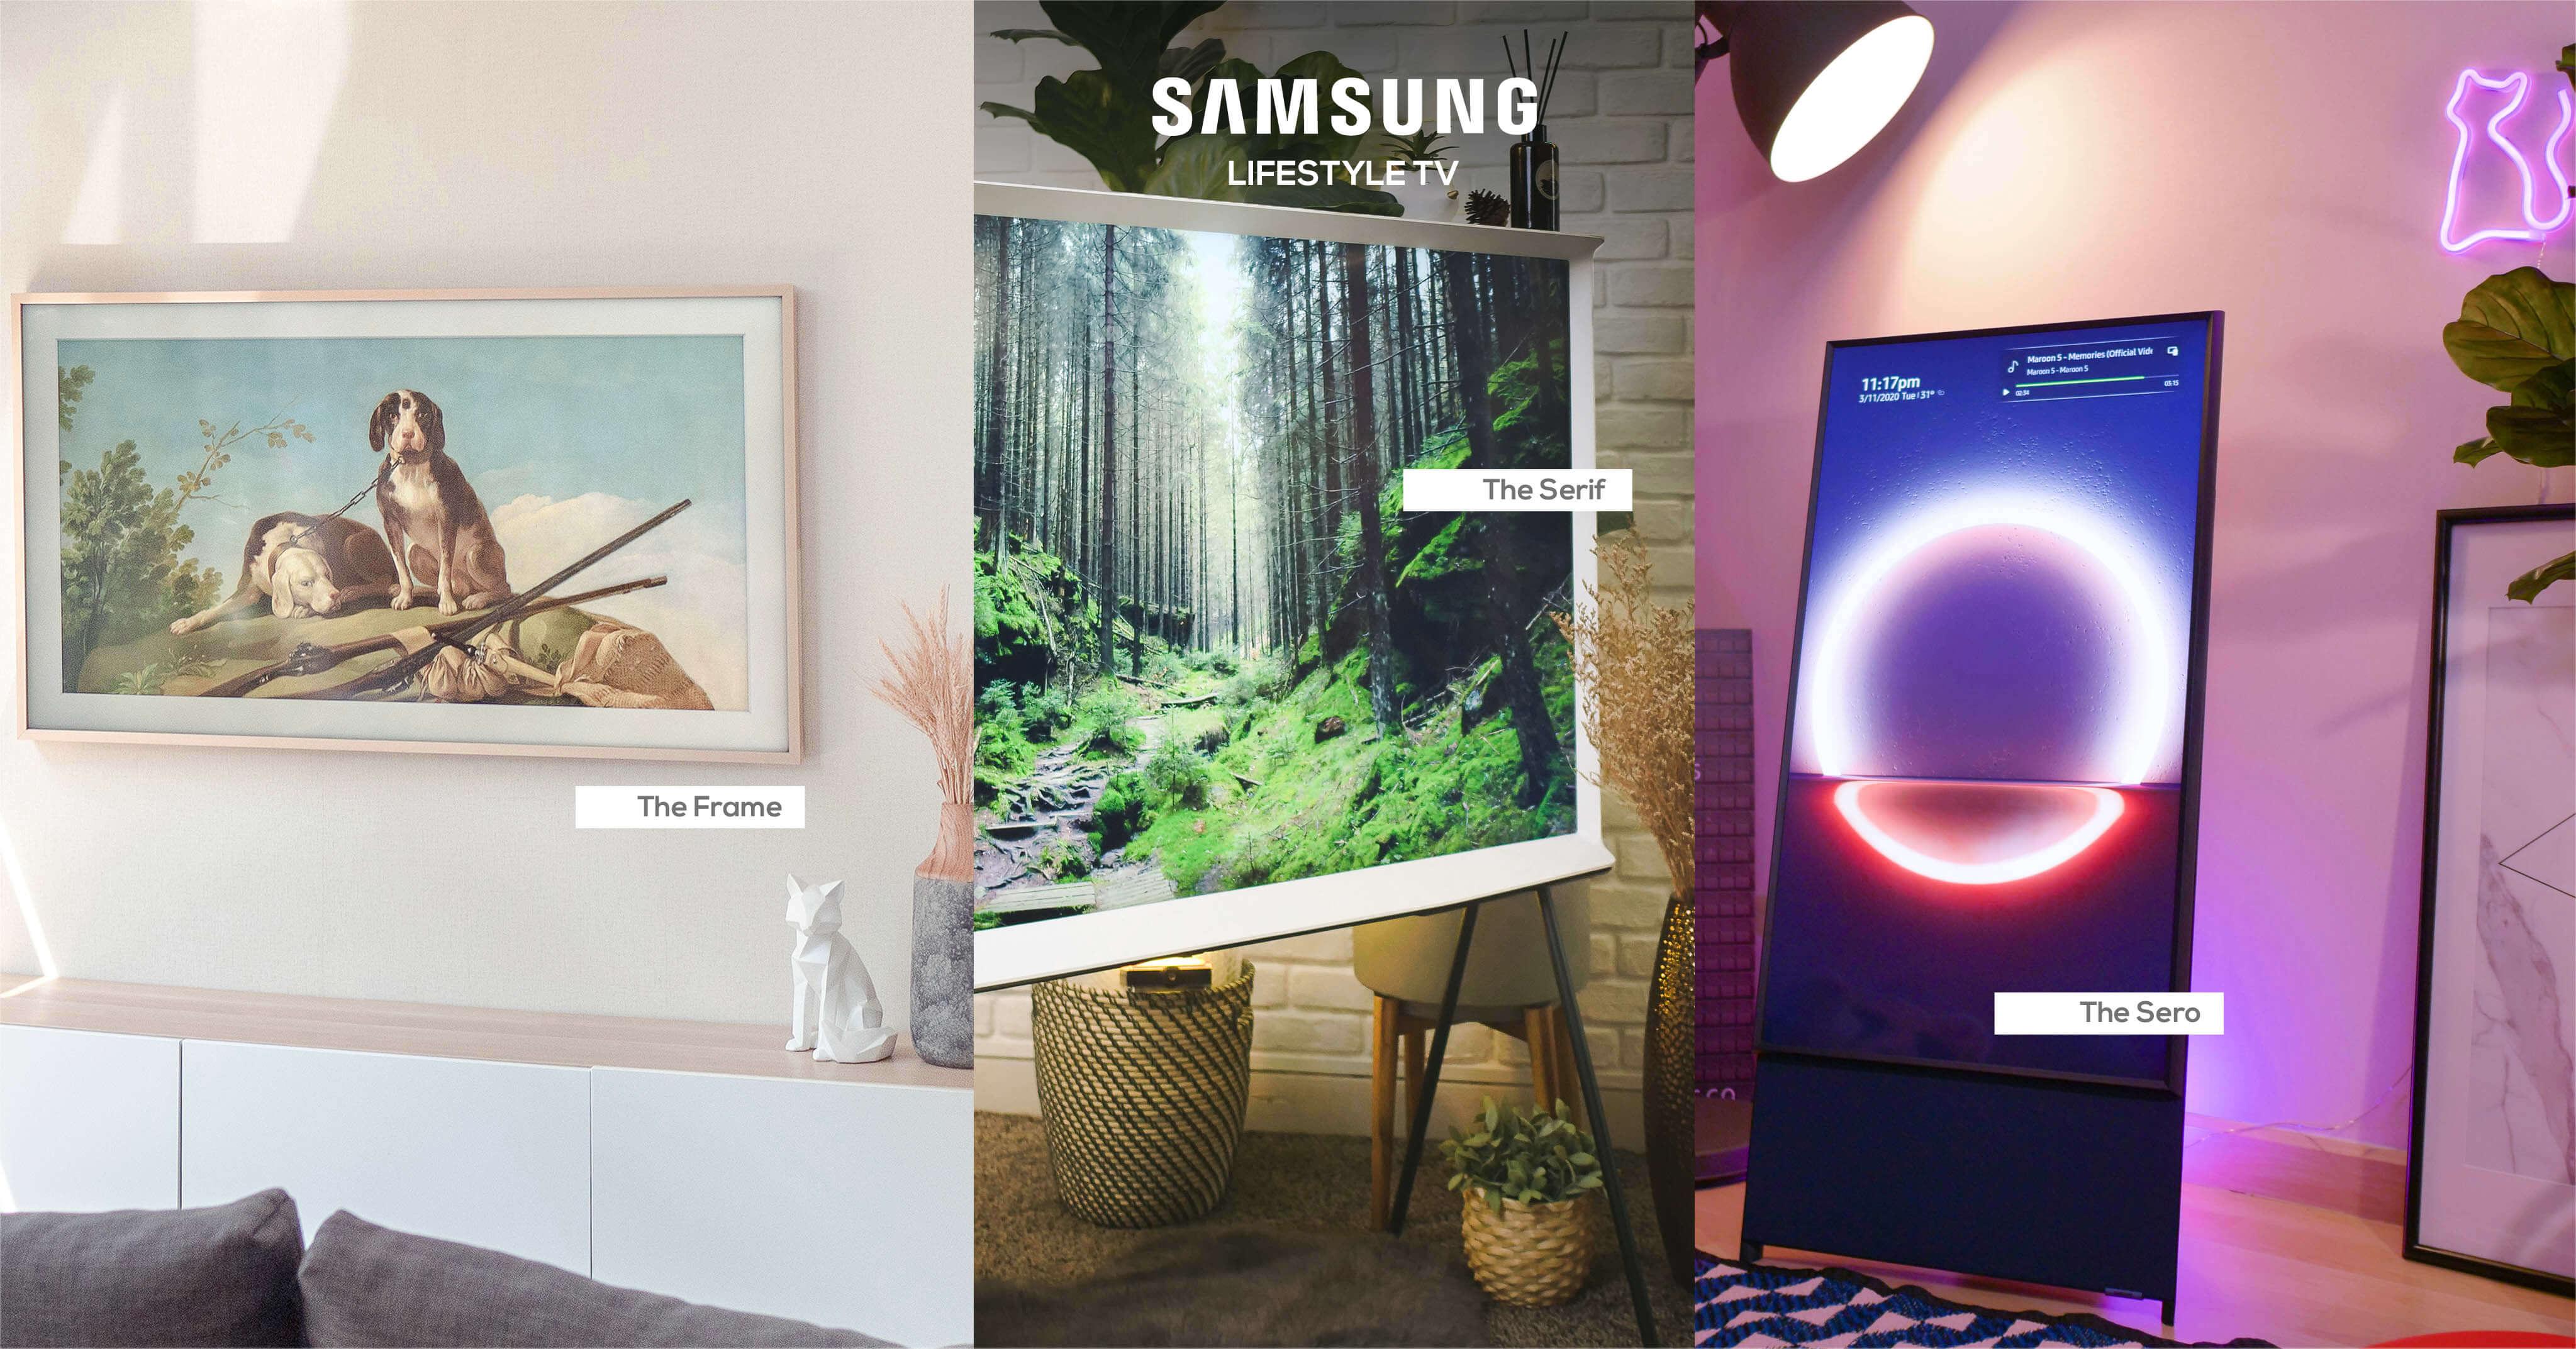 รีวิว 3 ทีวีที่สวยที่สุดเจนเนอเรชั่นนี้ The Frame The Serif และ The Sero 13 - decor